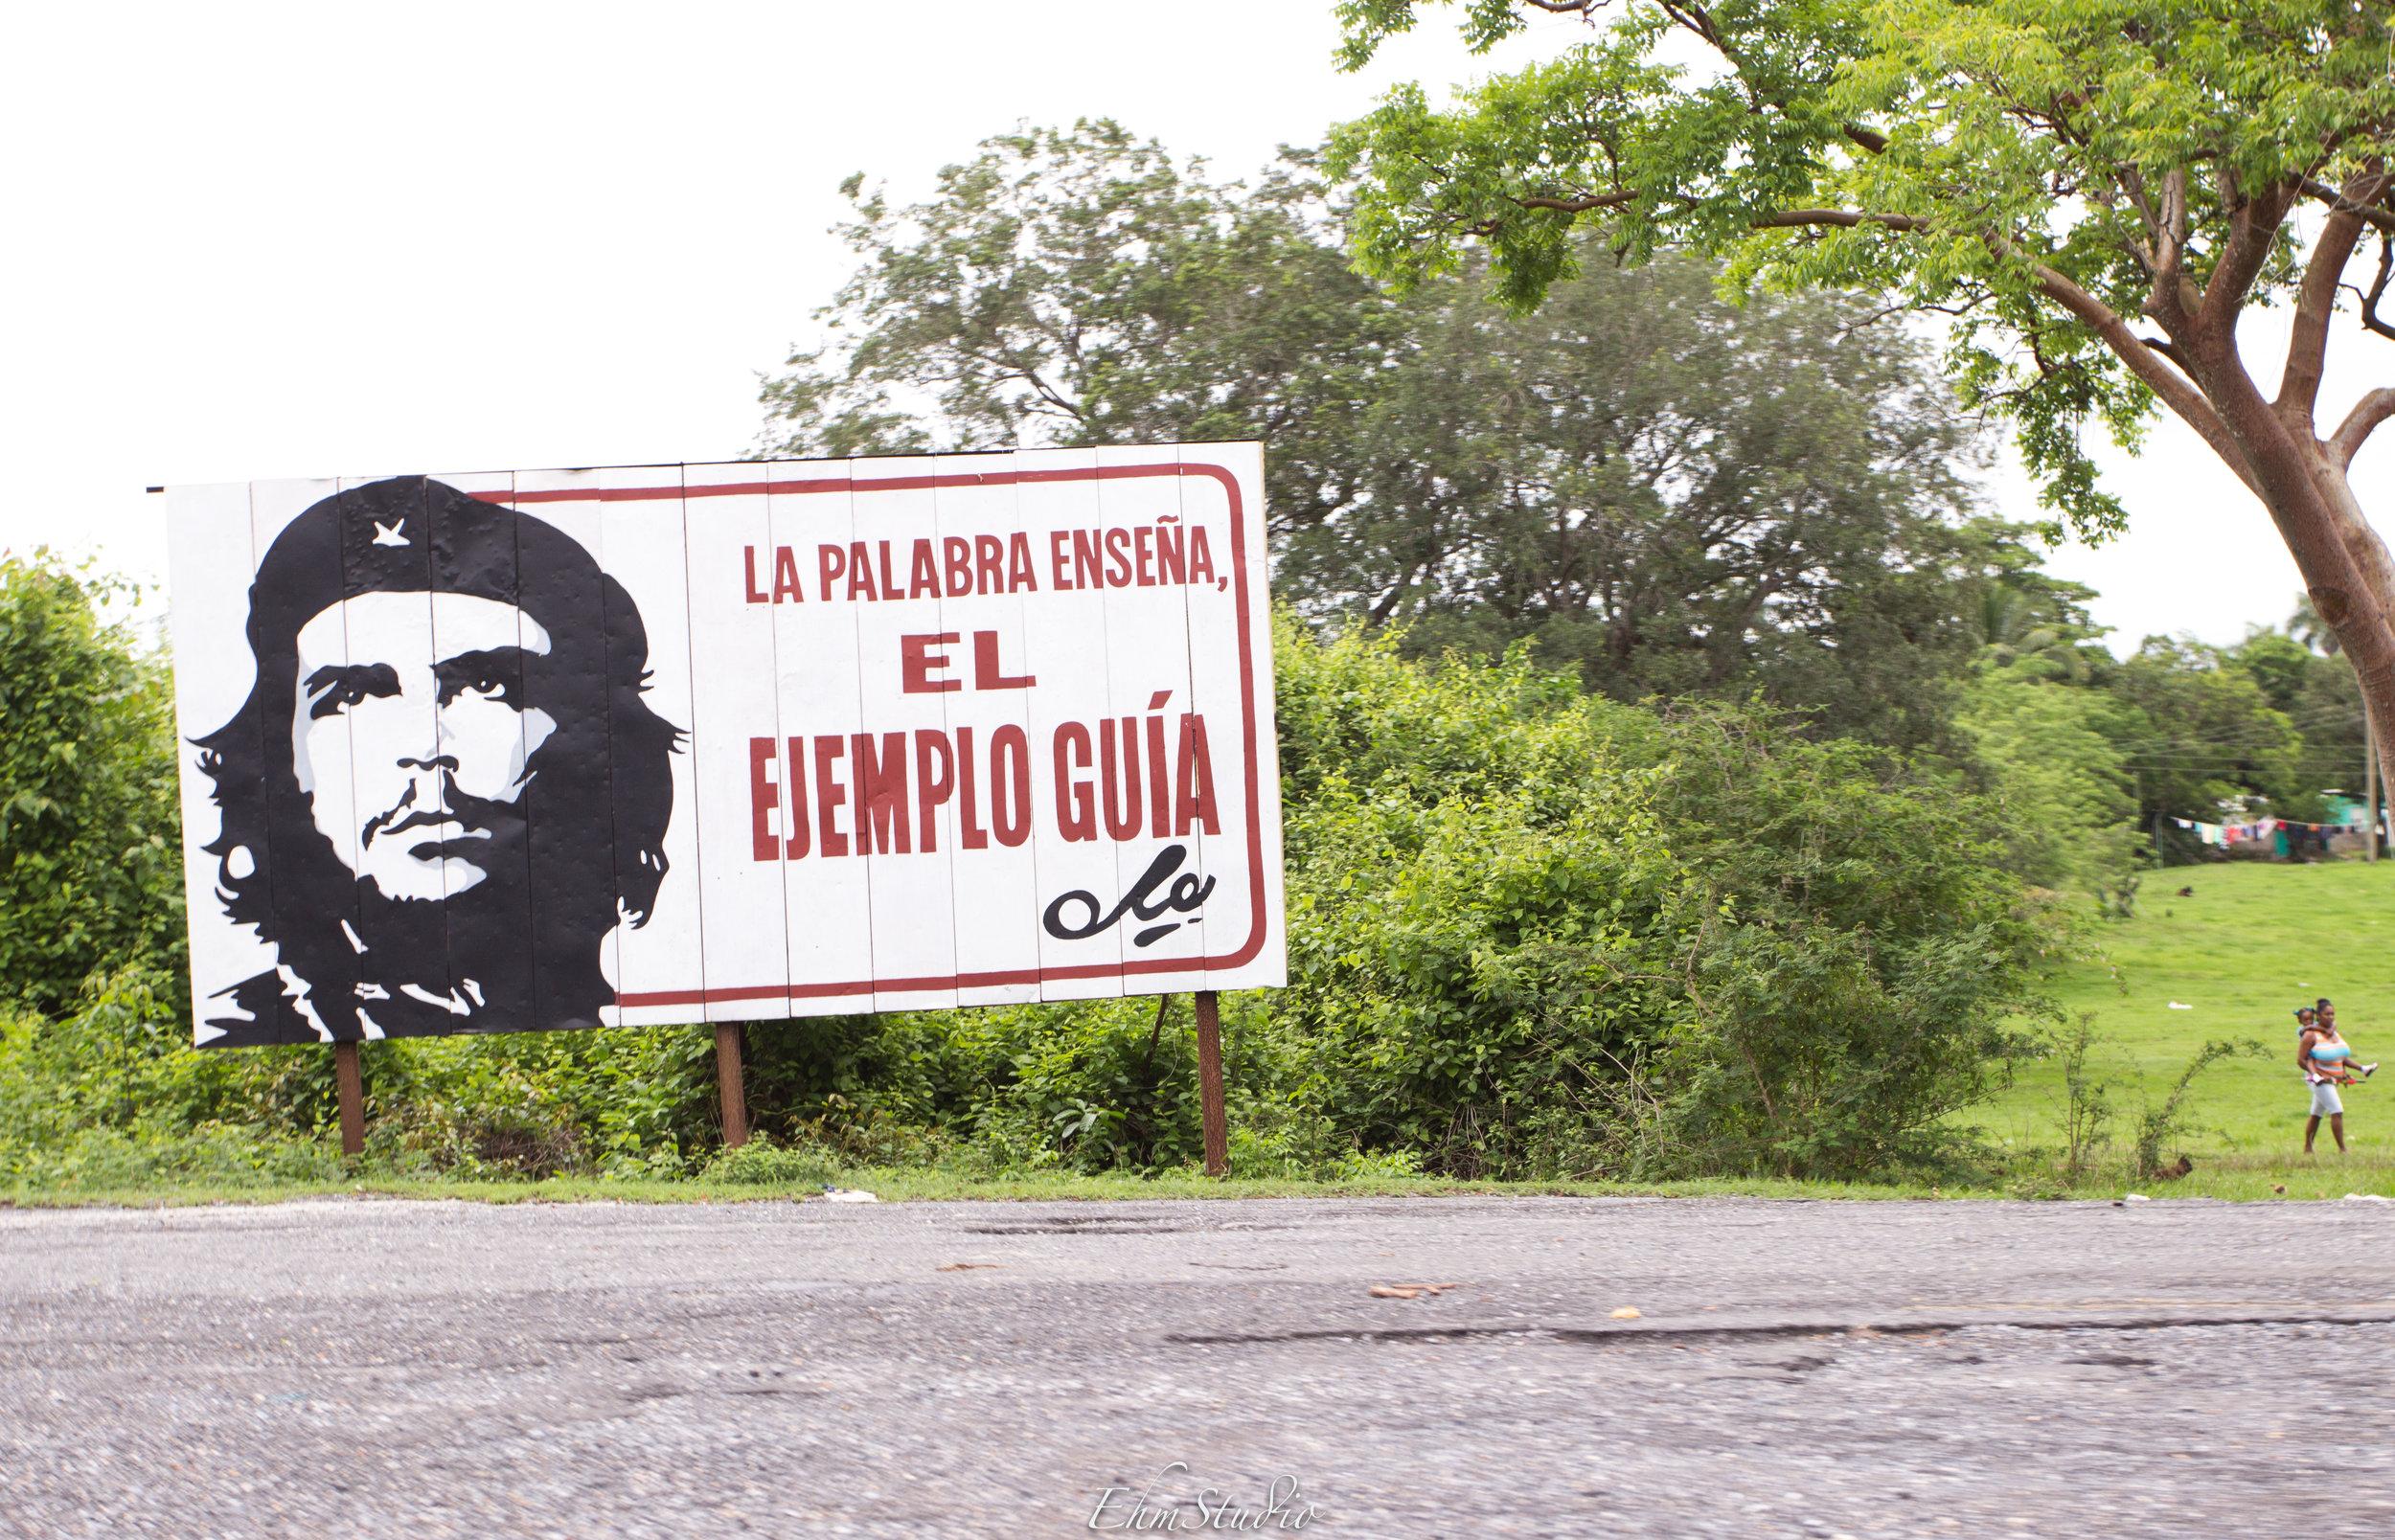 Cuba2018Edits-22.jpg